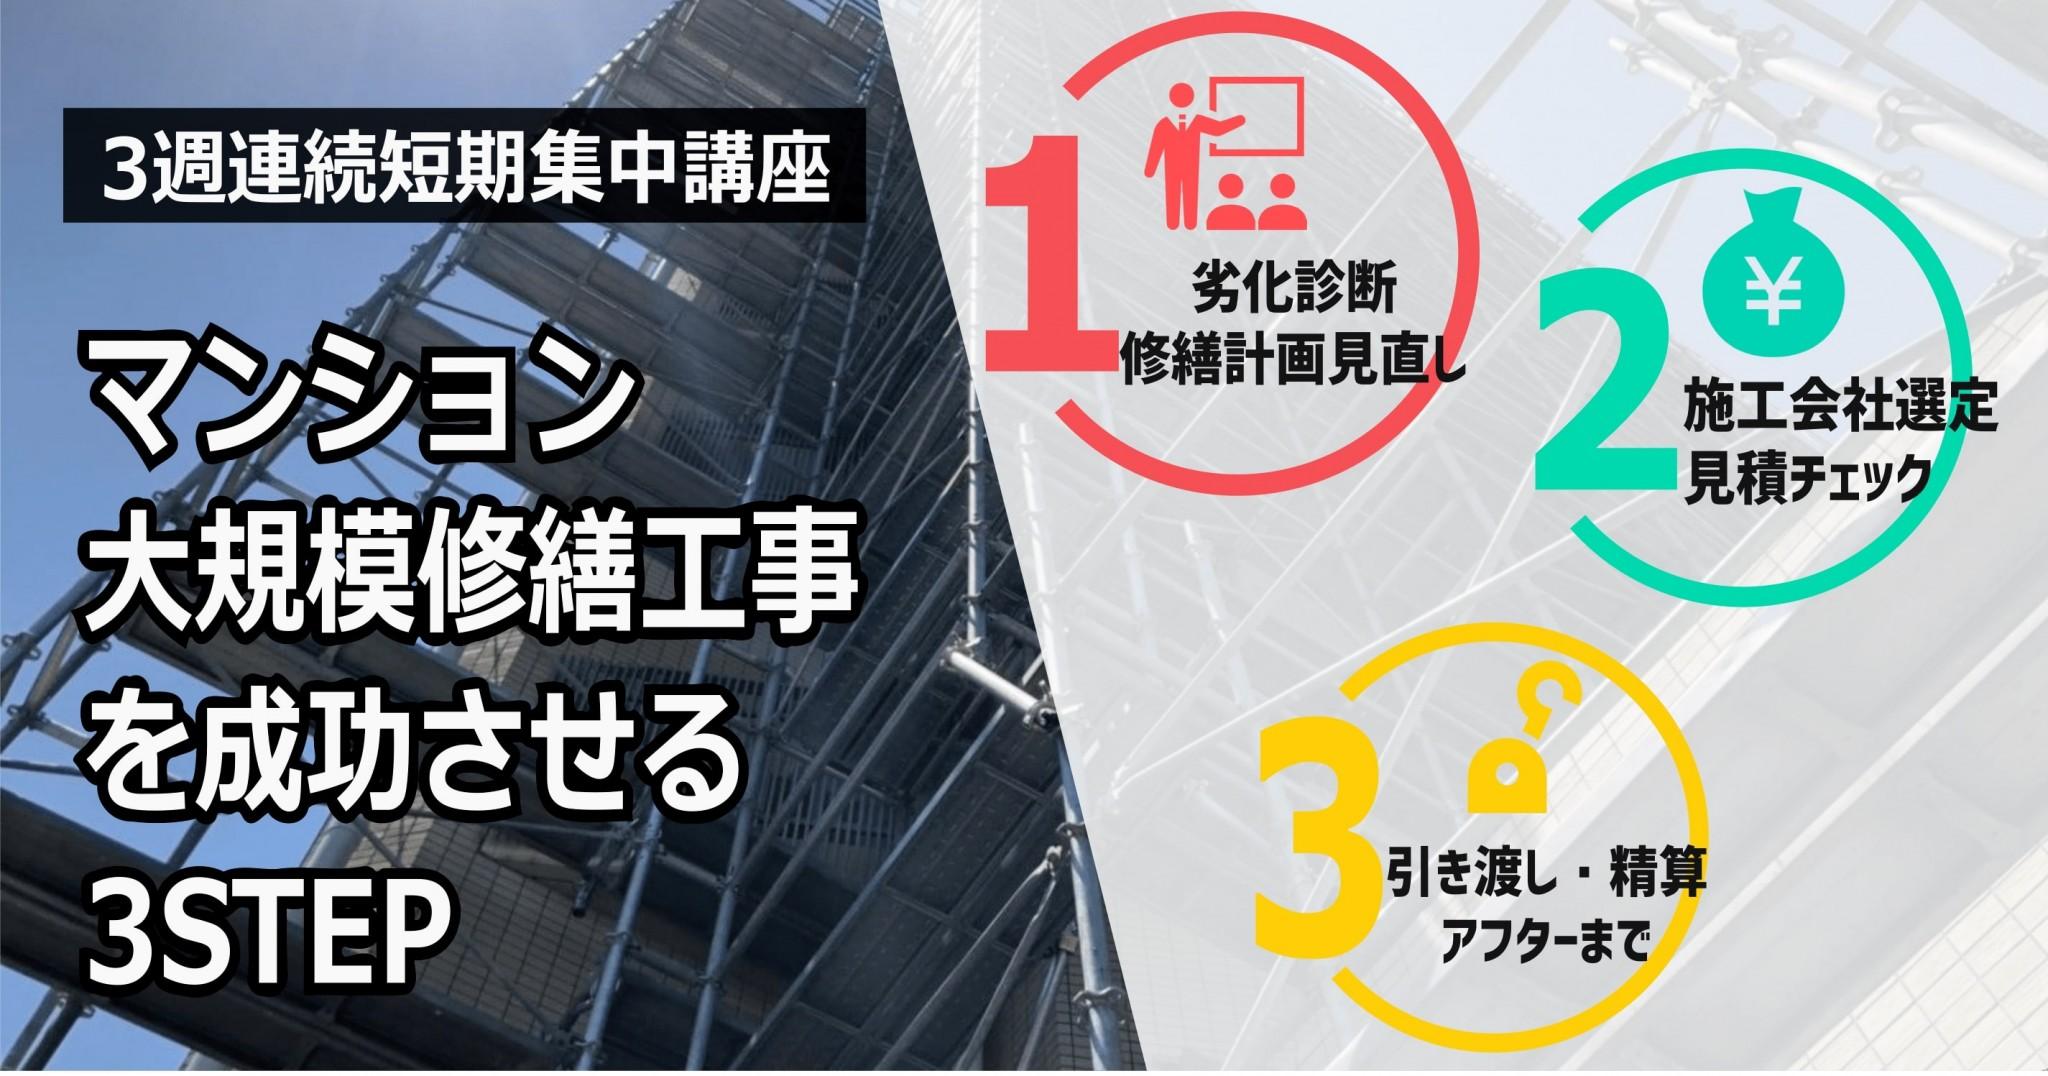 10/1・8・15(木)3週連続開催!マンション大規模修繕工事を成功させる3STEP